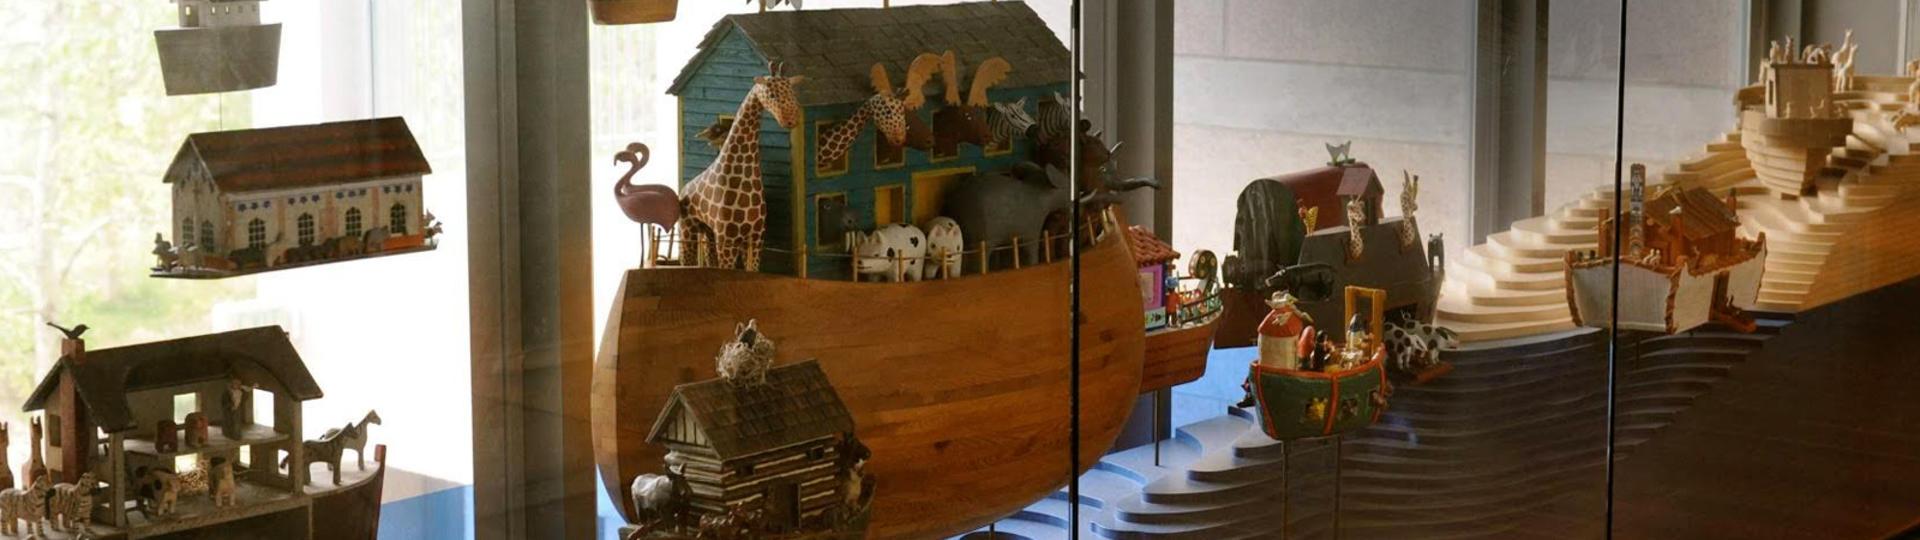 miniature Arks